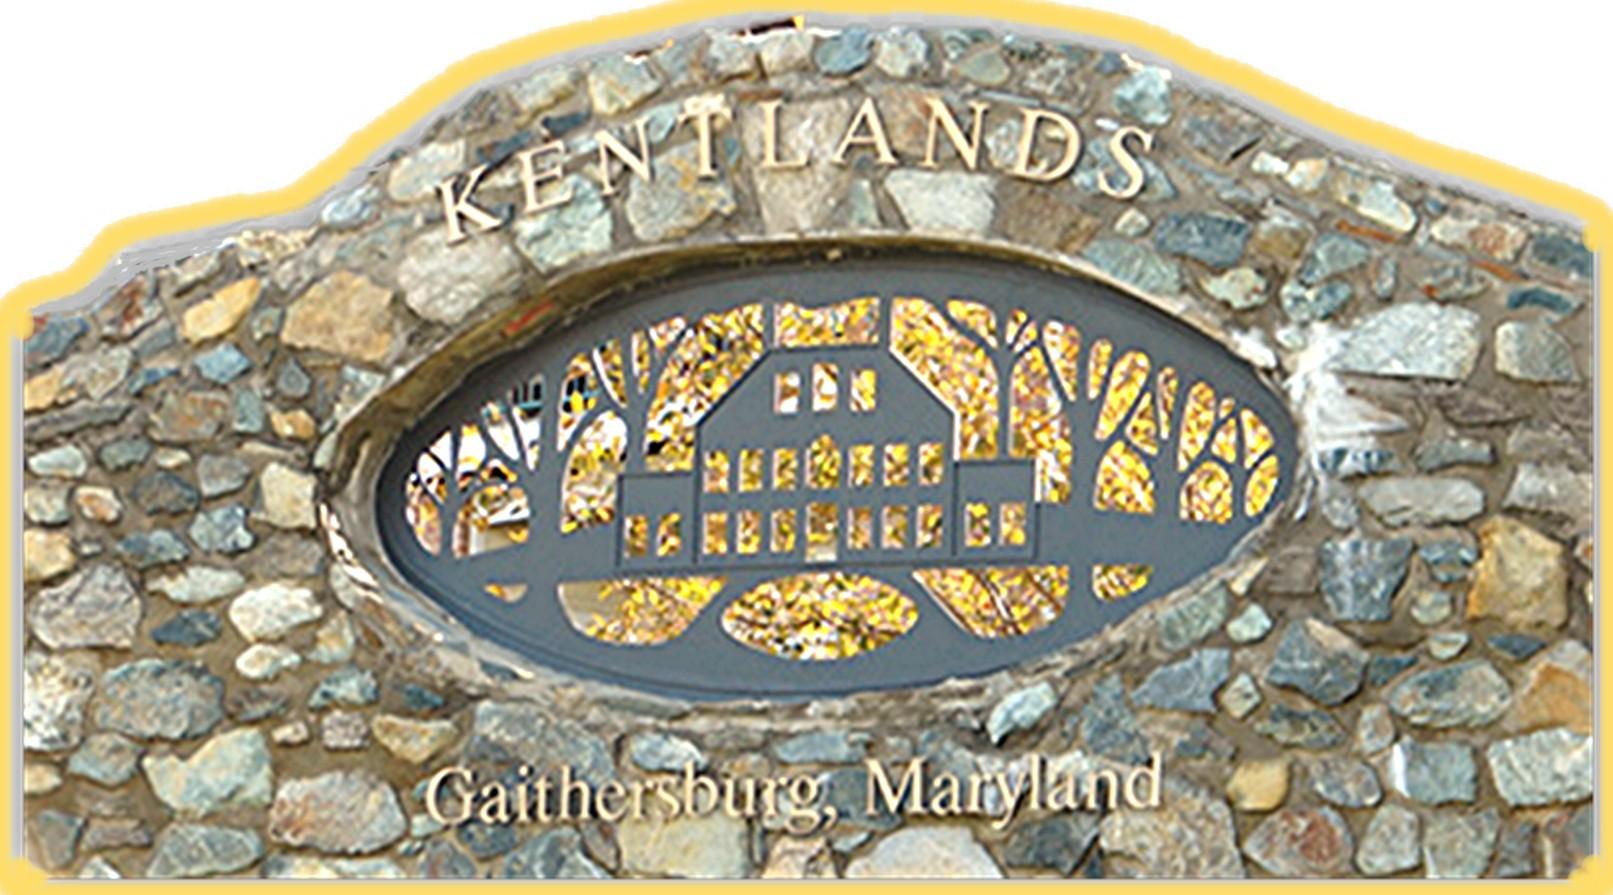 Kentlands Gaithersburg